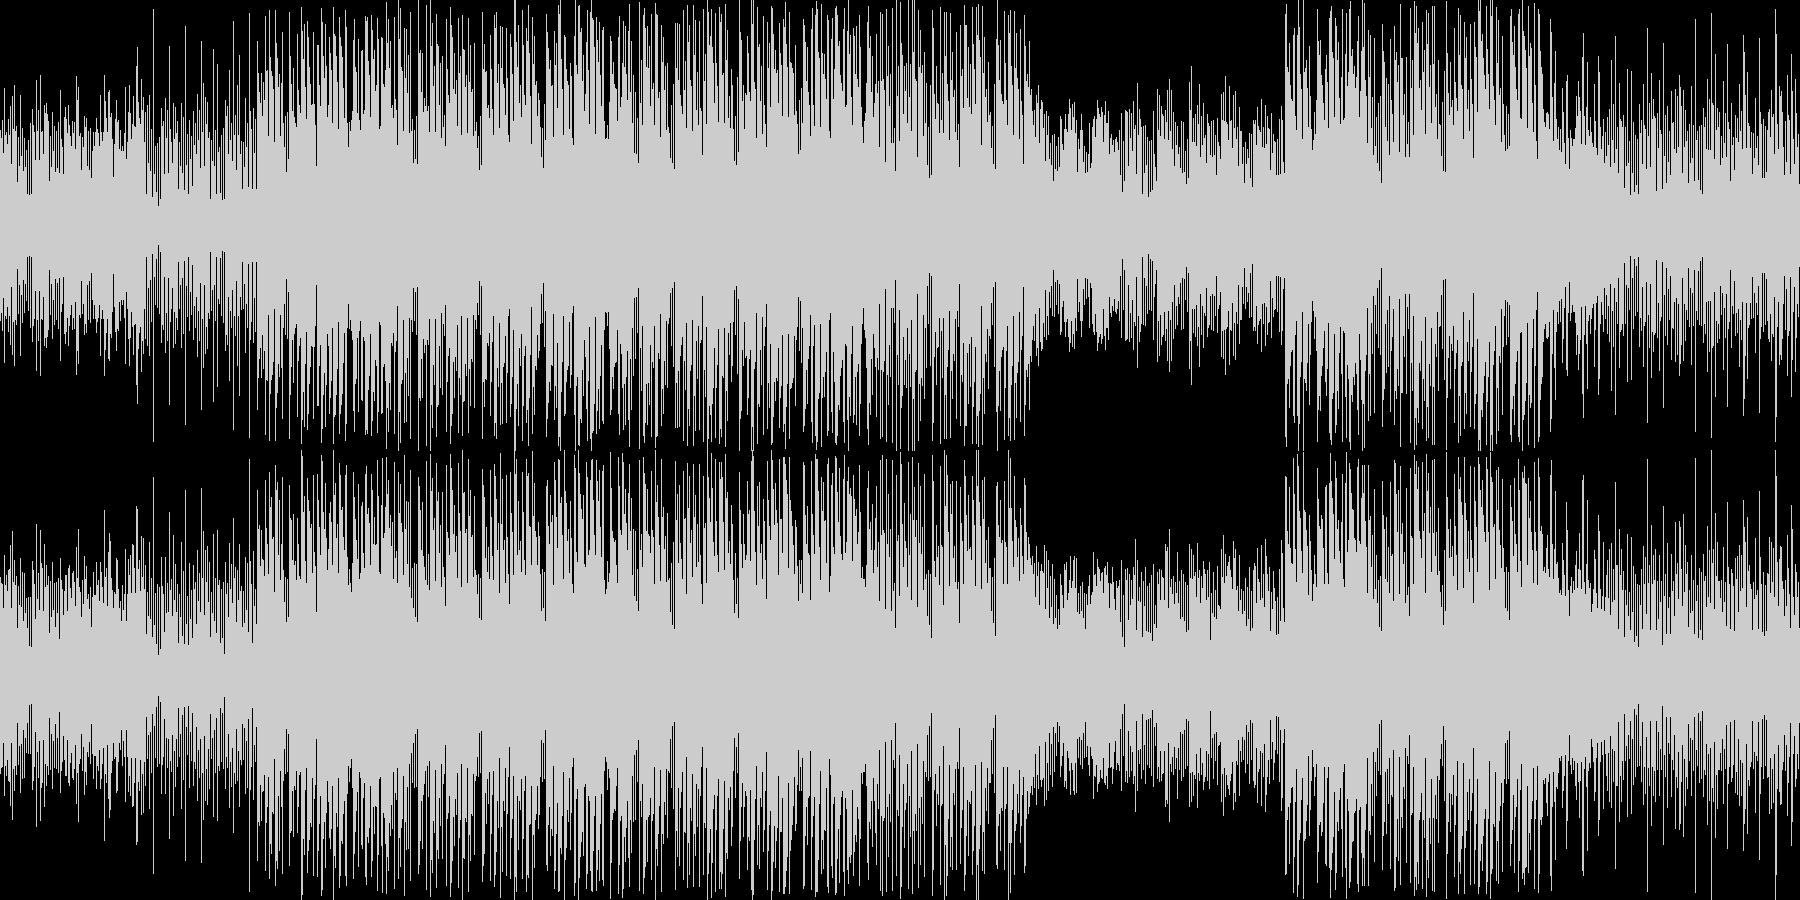 不思議な感じで浮遊感のあるテクノポップの未再生の波形